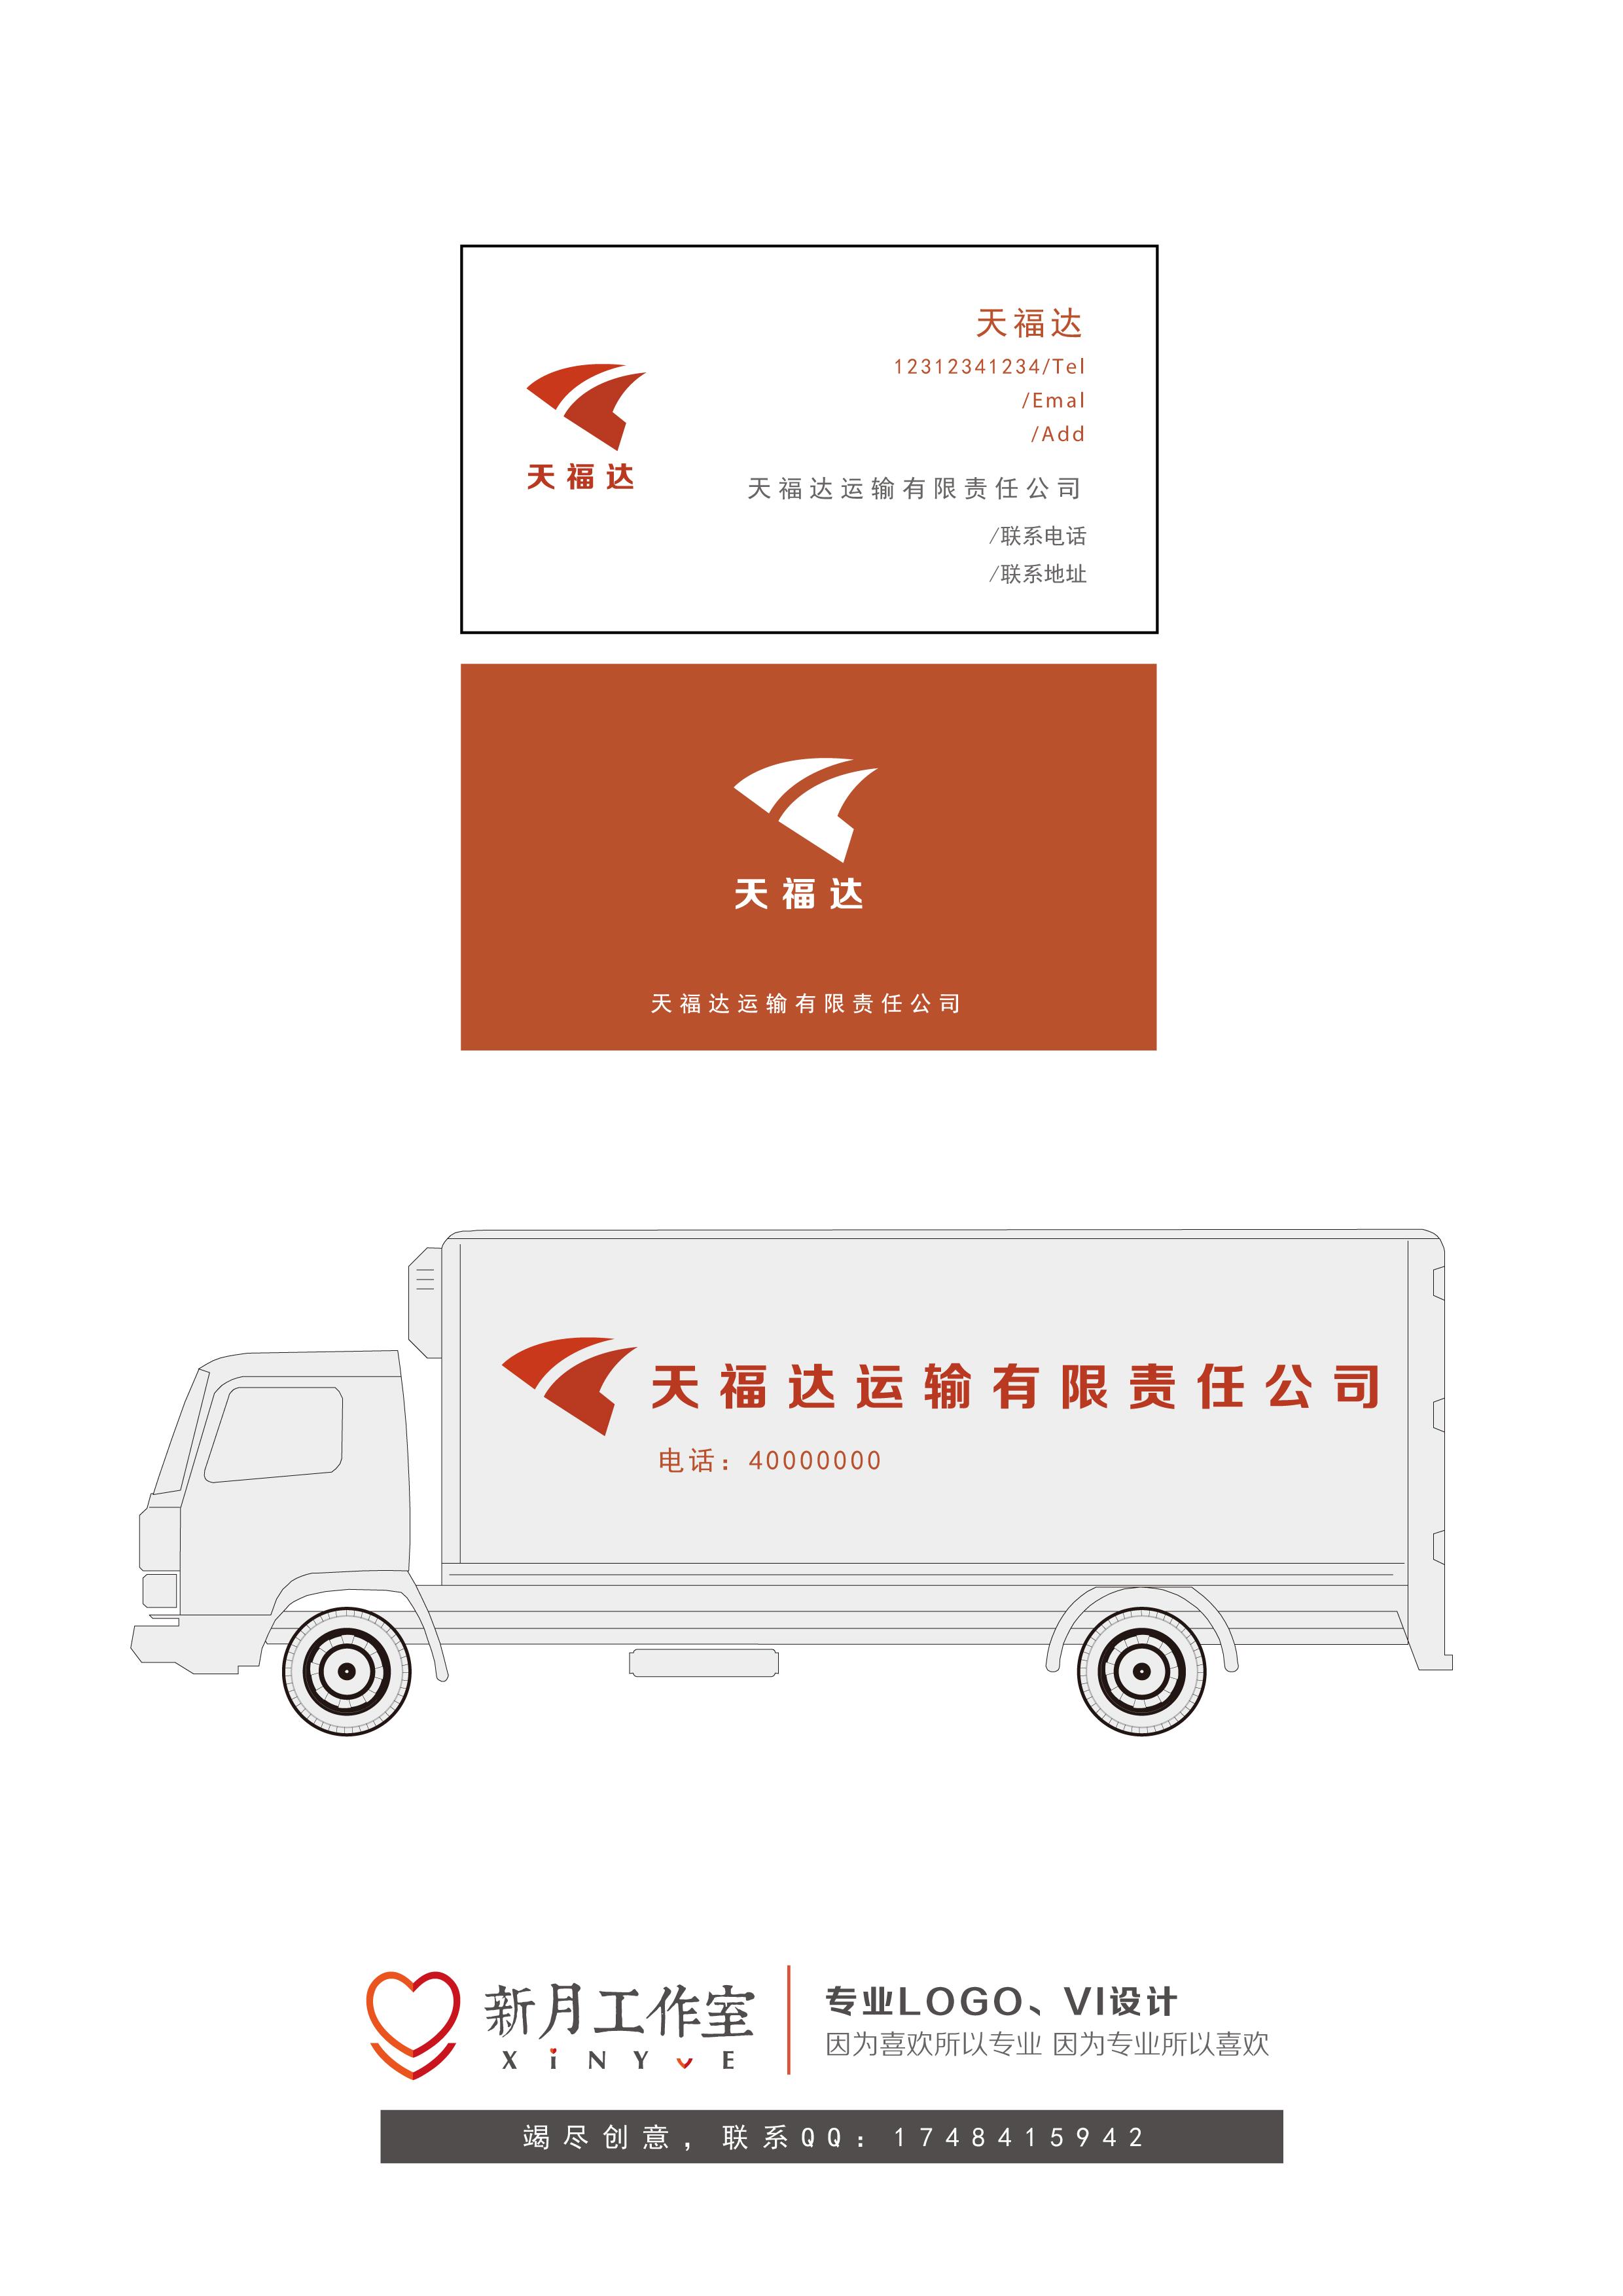 物流企业logo及简单vi设计